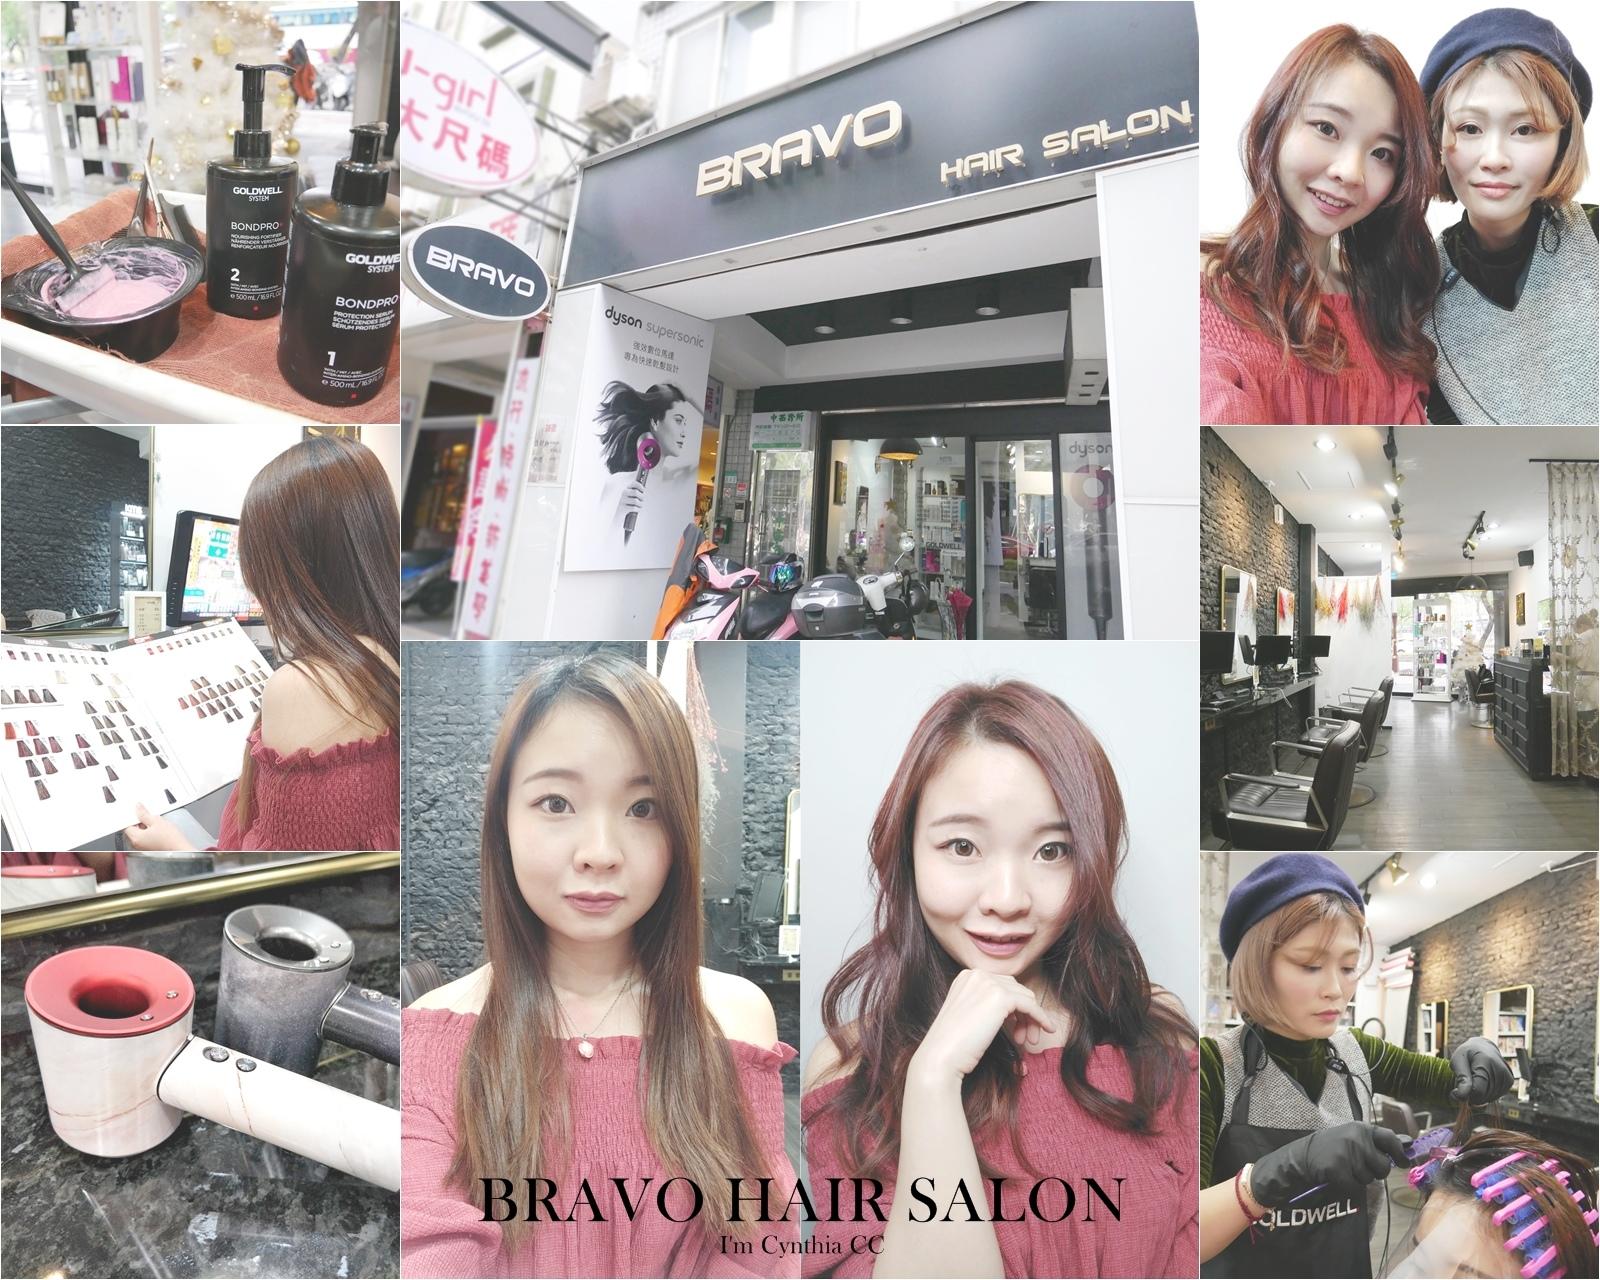 士林美髮Bravo Hair salon-圓臉女孩的恩物韓式髮根燙&歌薇髮纖修護染髮 專業設計挑染打造質感美髮